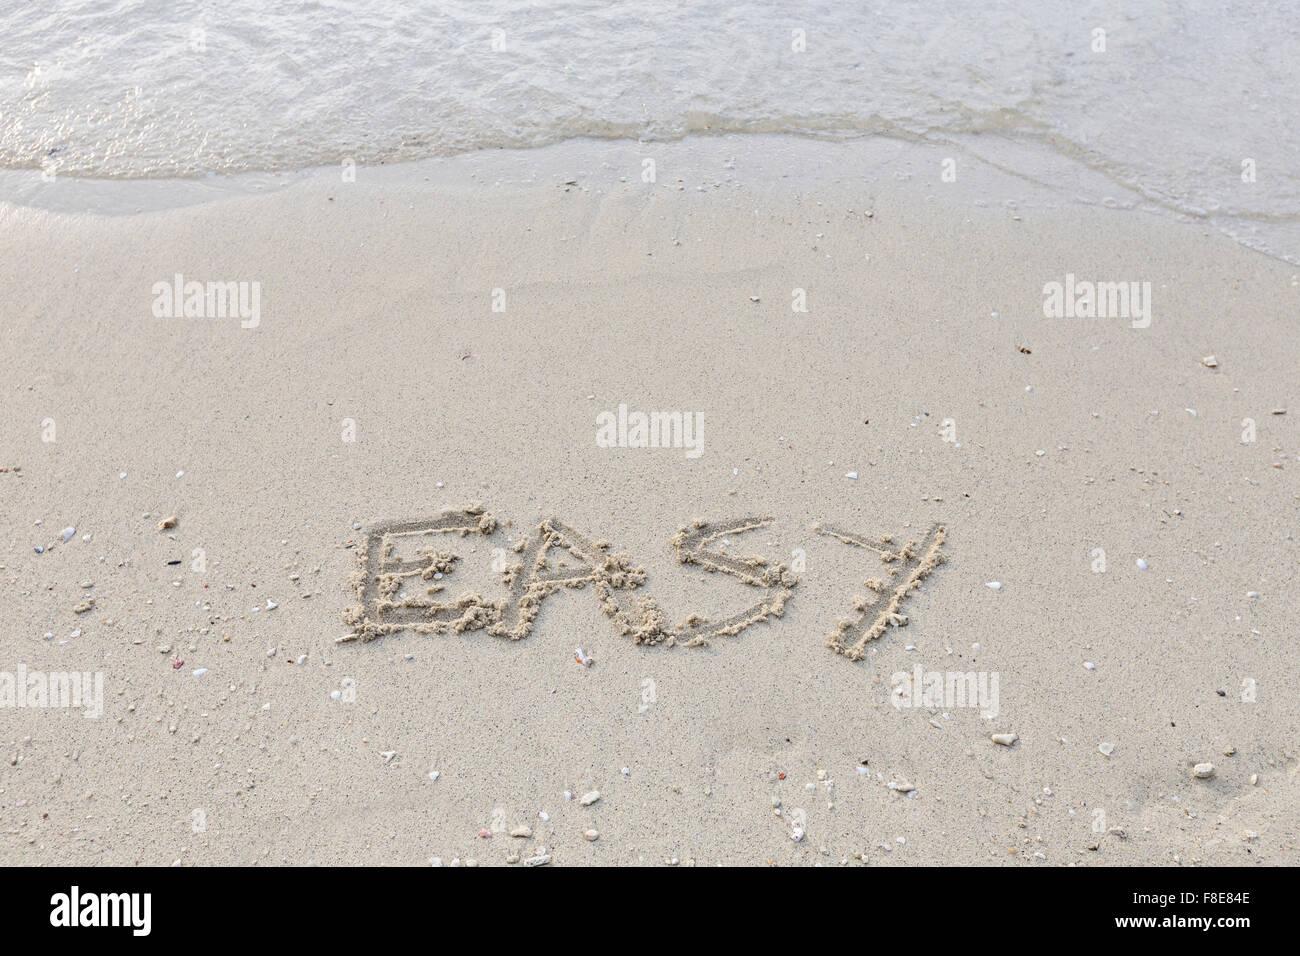 Semplice scritta in sabbia bagnata Immagini Stock